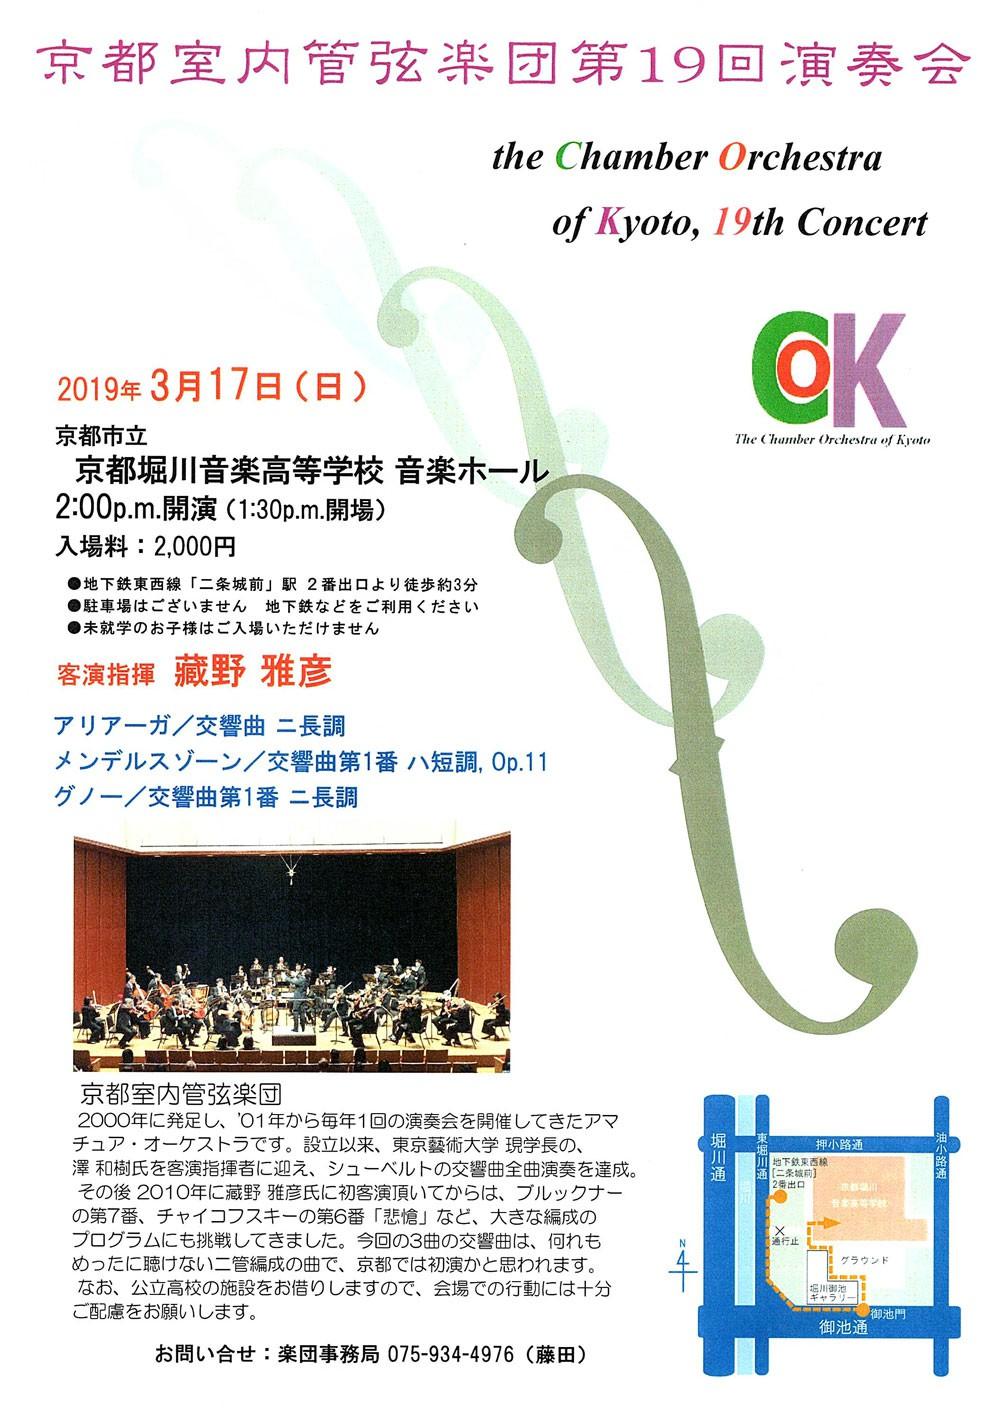 京都室内管弦楽団 第19回演奏会のチラシ画像